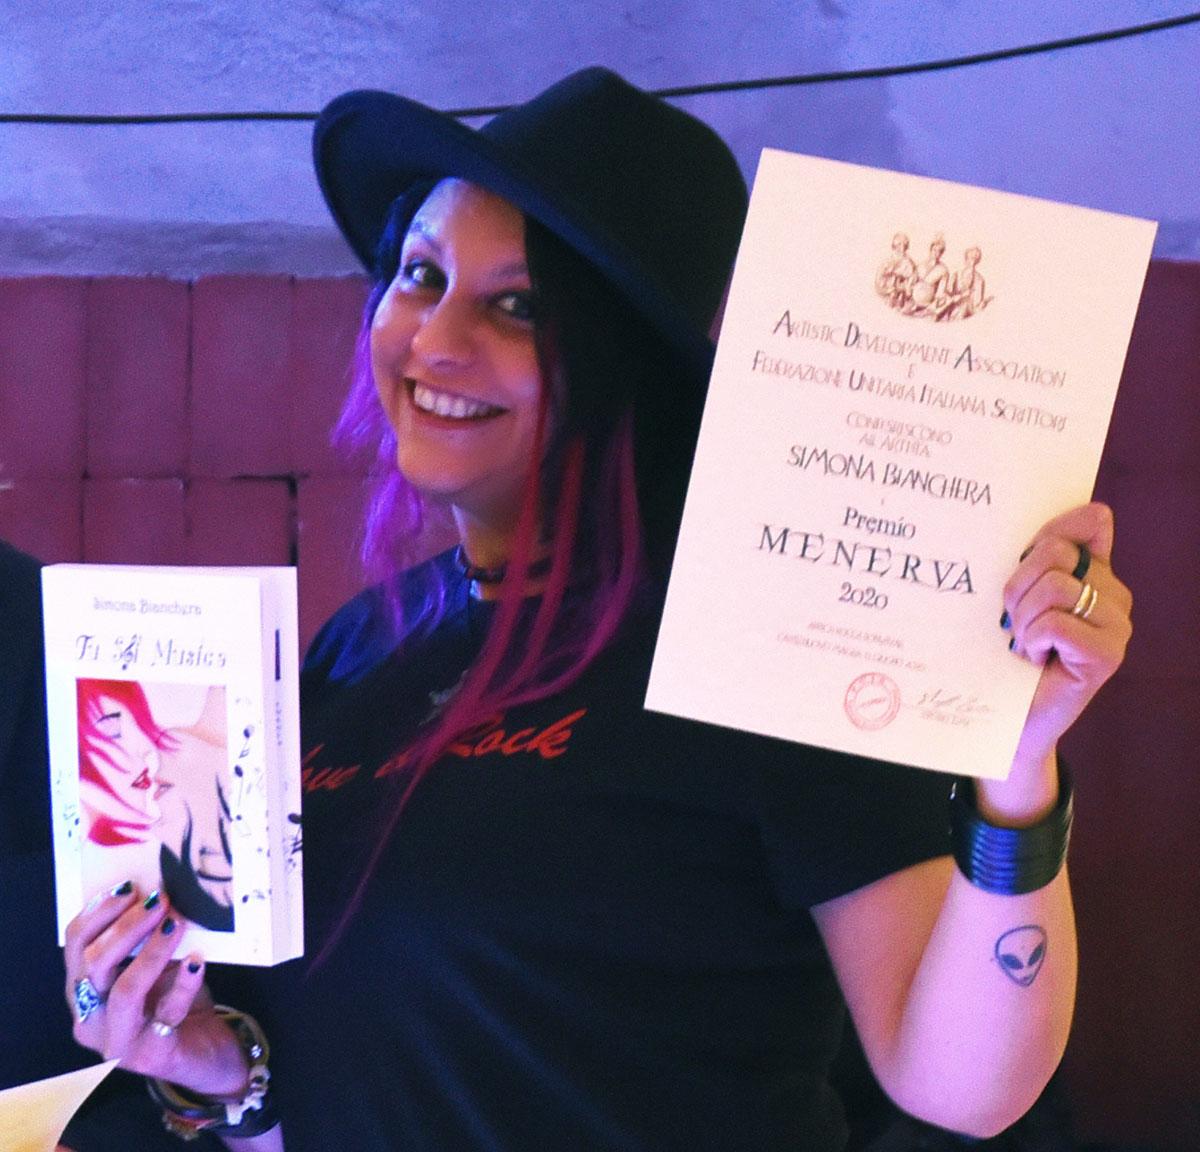 Simona Bianchera, premio Menerva